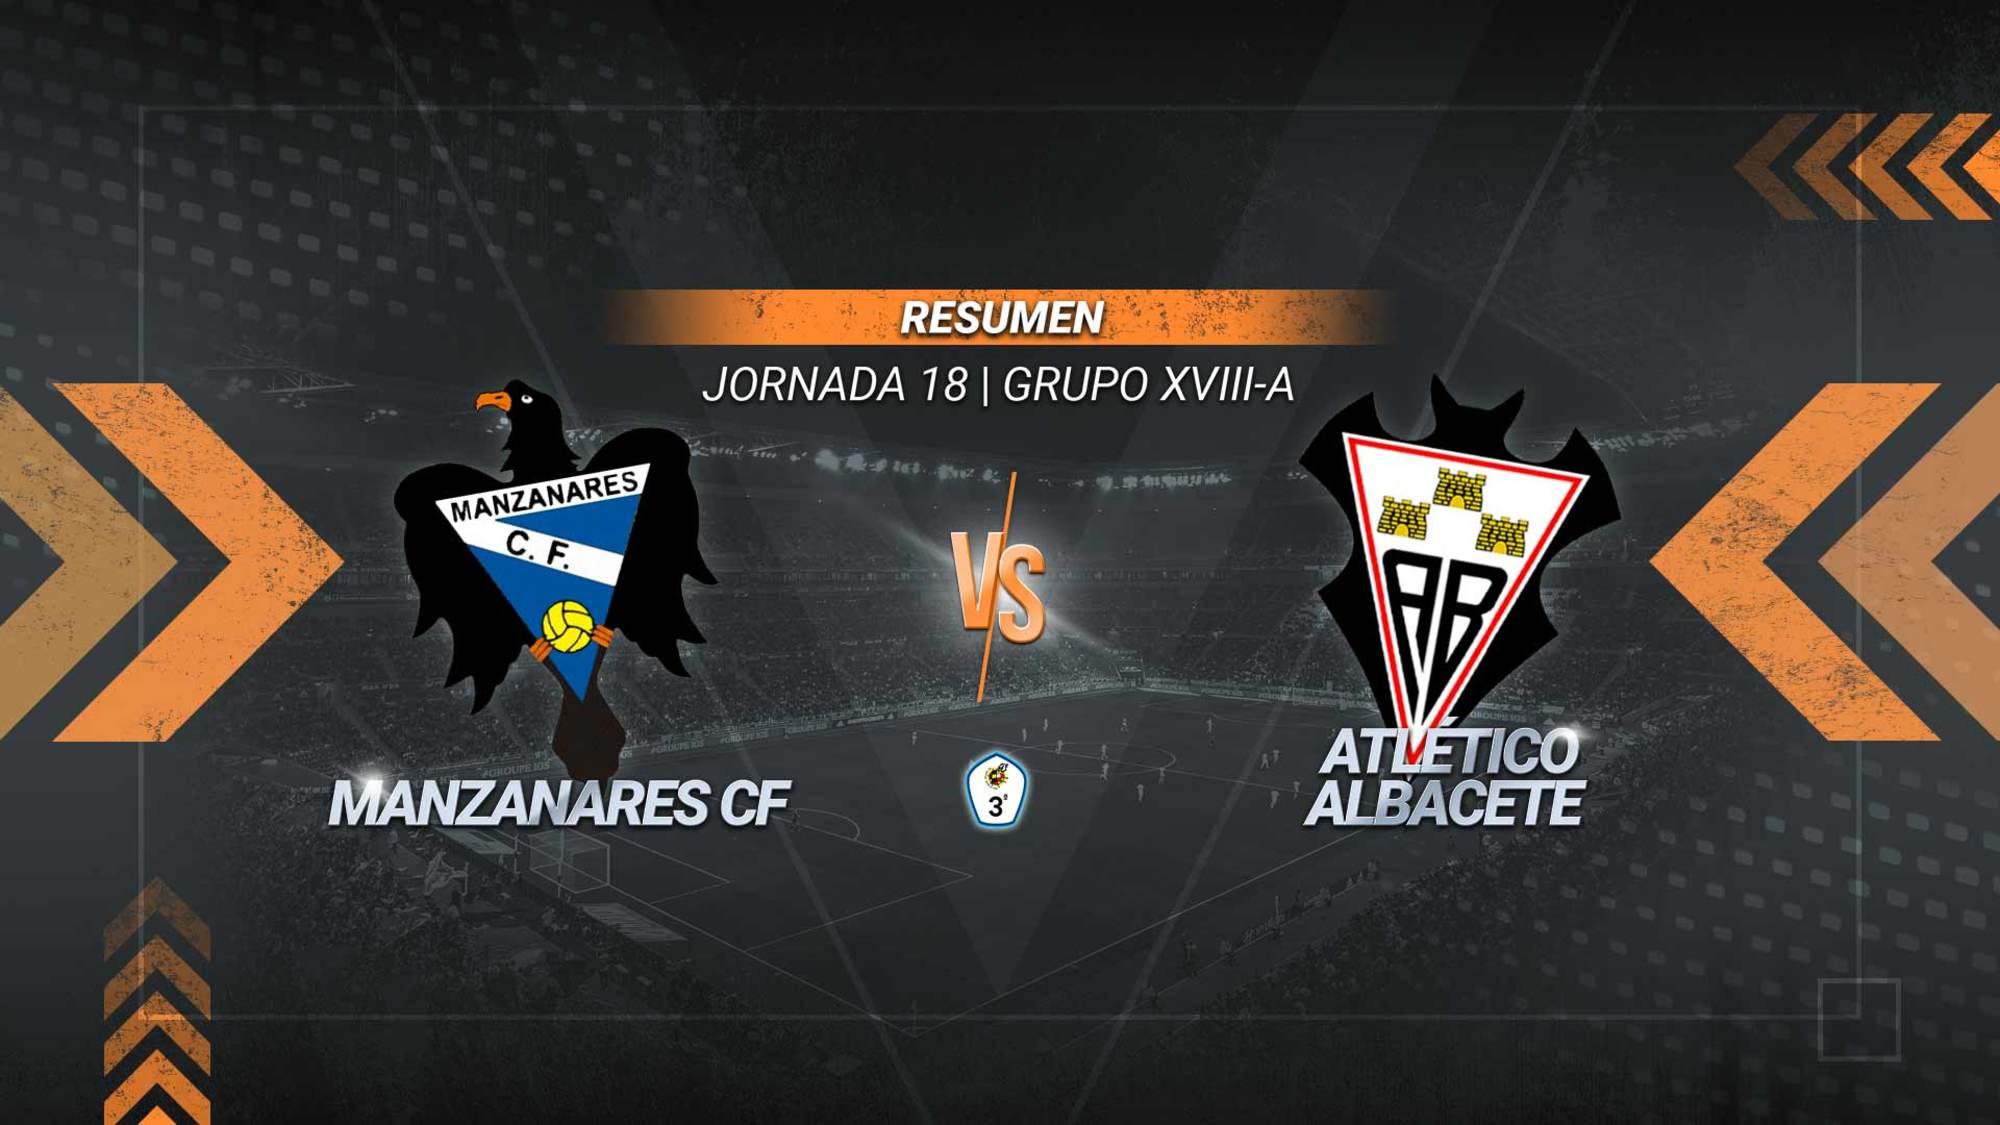 El Atlético Albacete se deja el liderato en su visita al José Camacho. Los manzanareños suman por quinto partido consecutivo y alcanzan los 15 puntos, mientras que el filial albaceteño cosecha su segunda jornada sin ganar y deja la primera posición en manos del Calvo Sotelo.